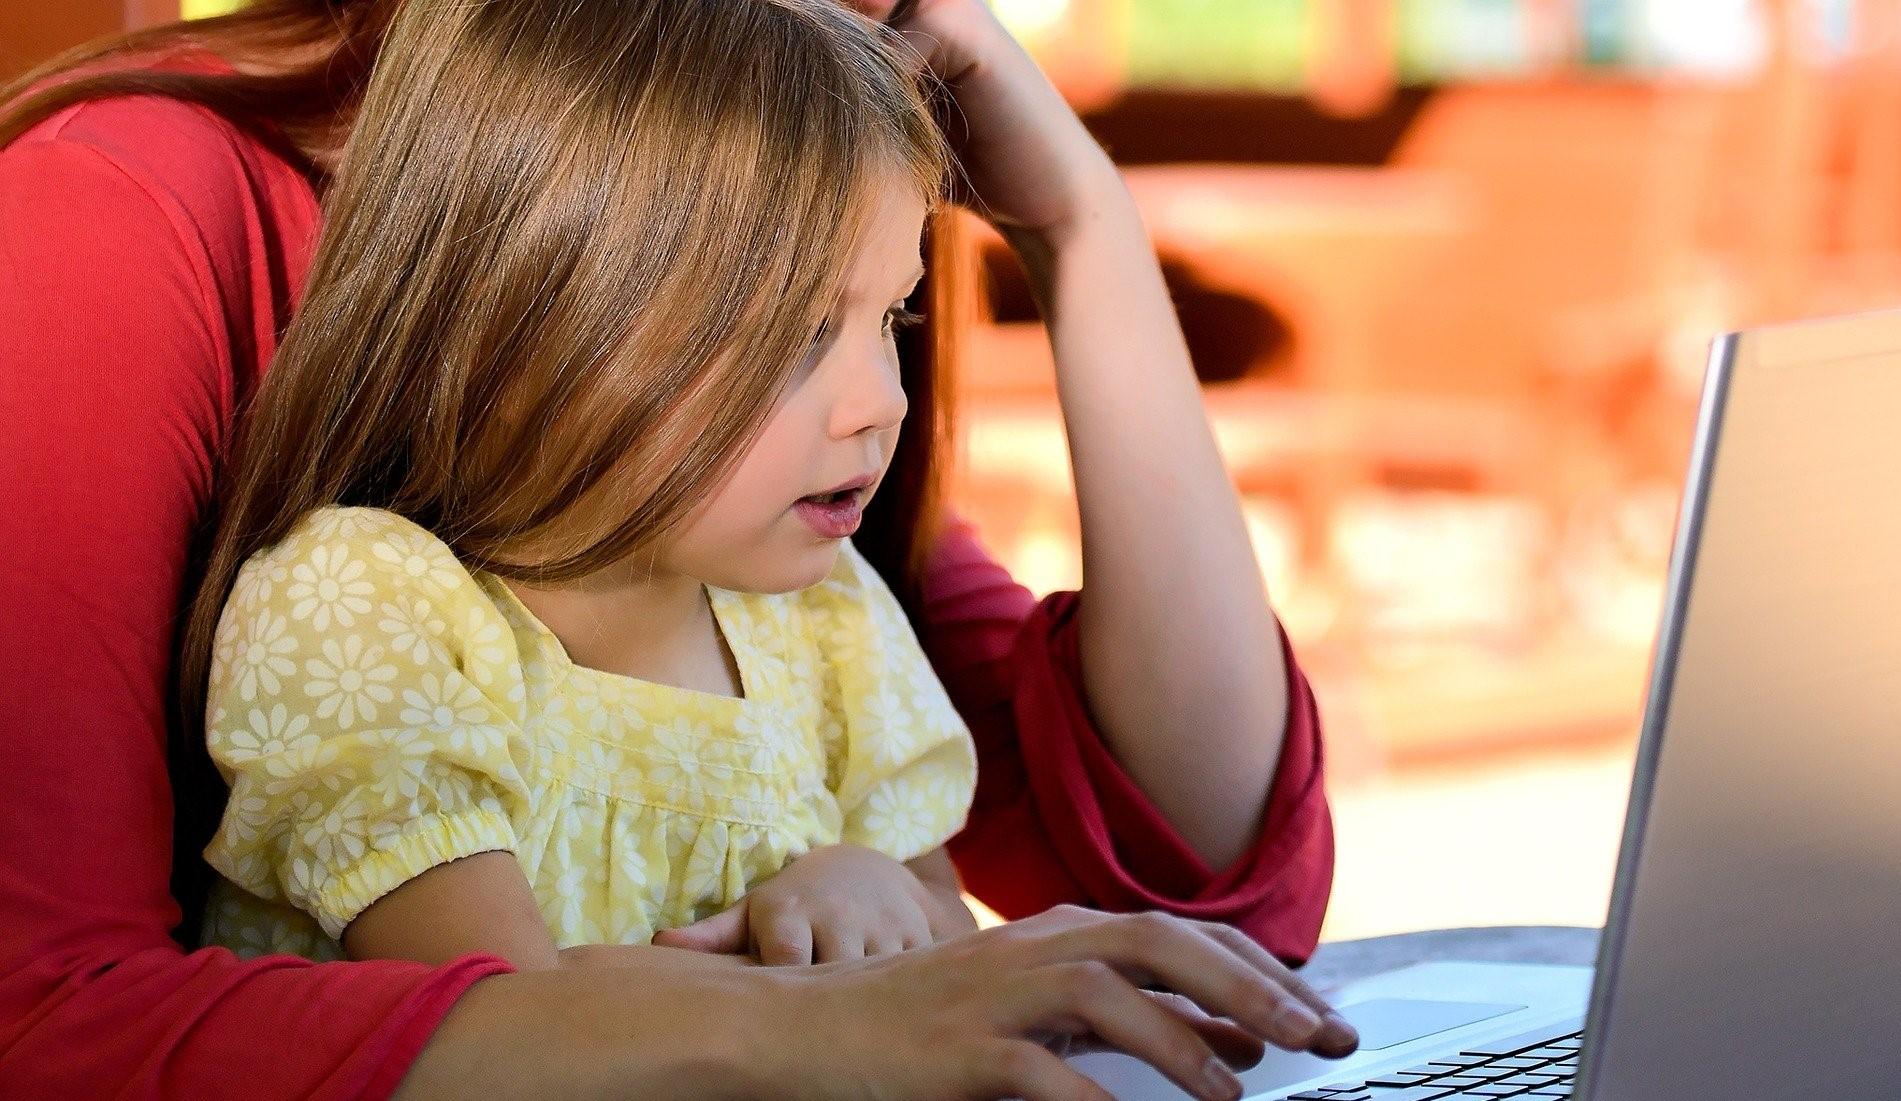 Kind_Computer_geschnitten